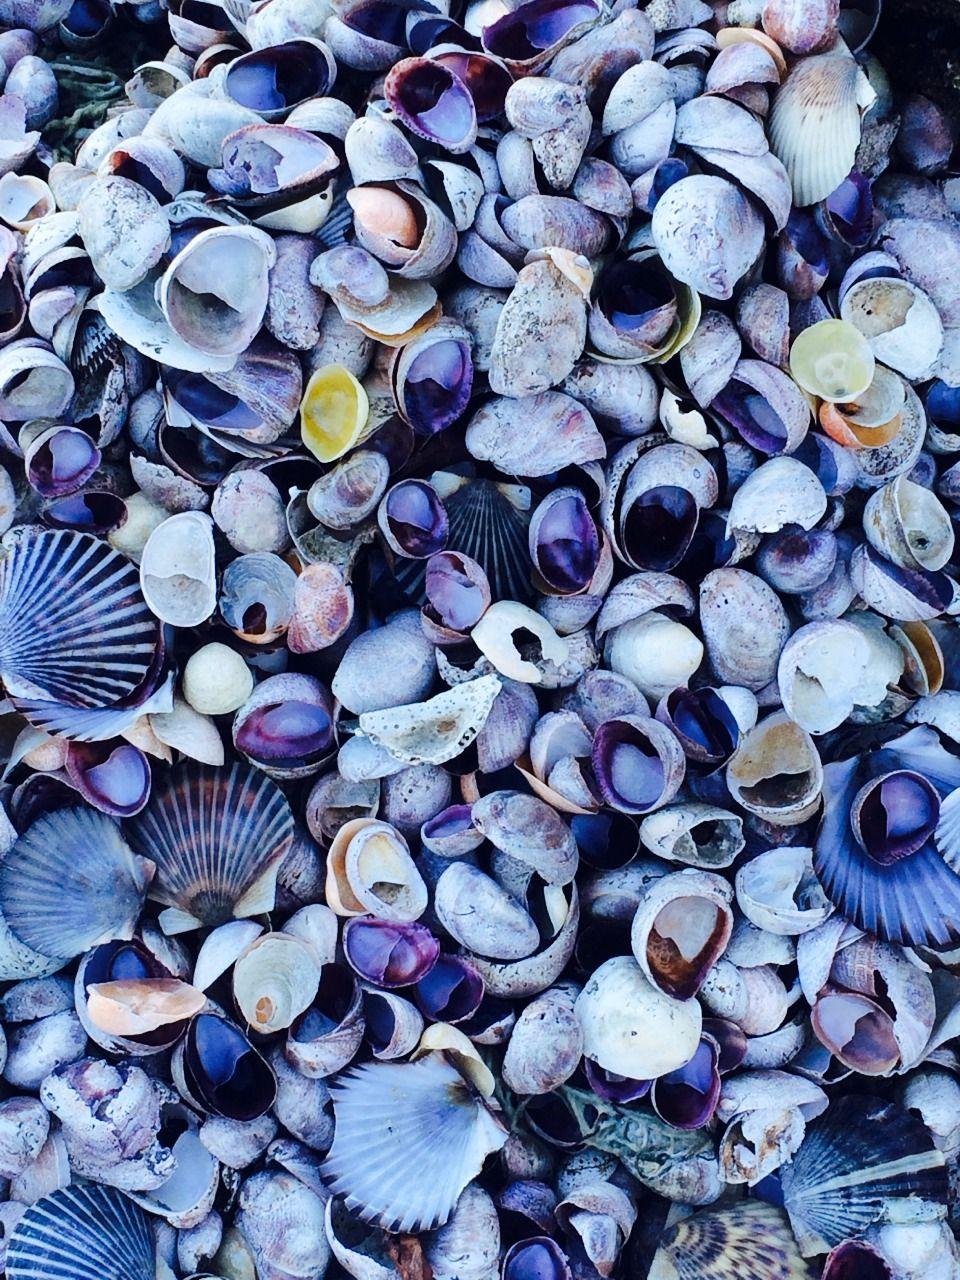 Pensei em algo com conchas talvez um deles possa sempre pegar uma concha quando vai pra praia